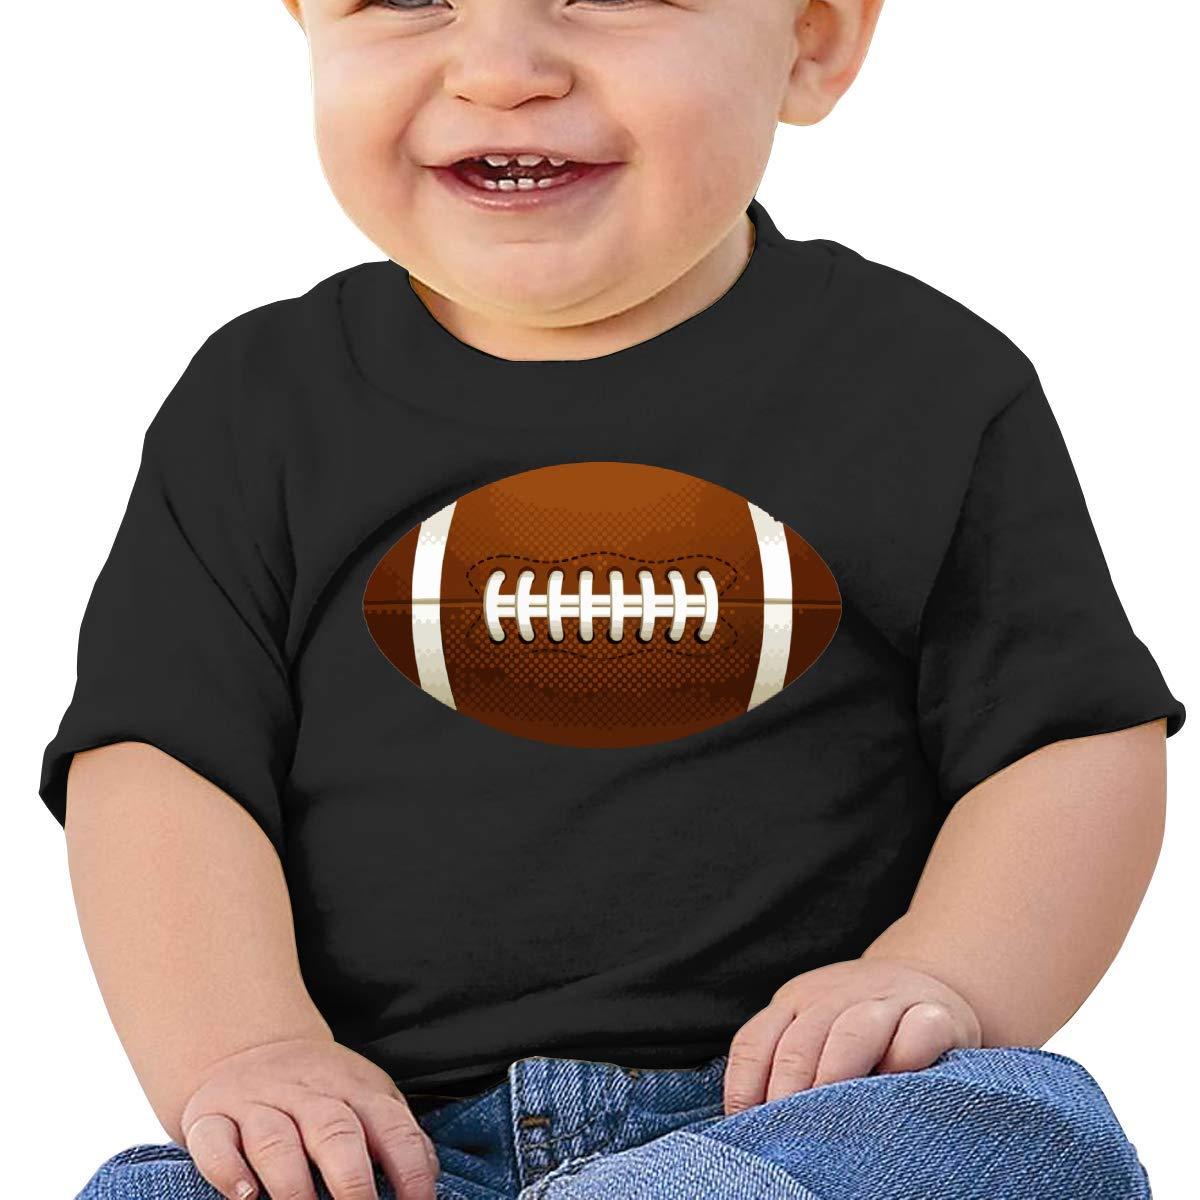 American Football Ball Baby Boy Girl Newborn Short Sleeve T-Shirt 6-24 Month Soft Tops